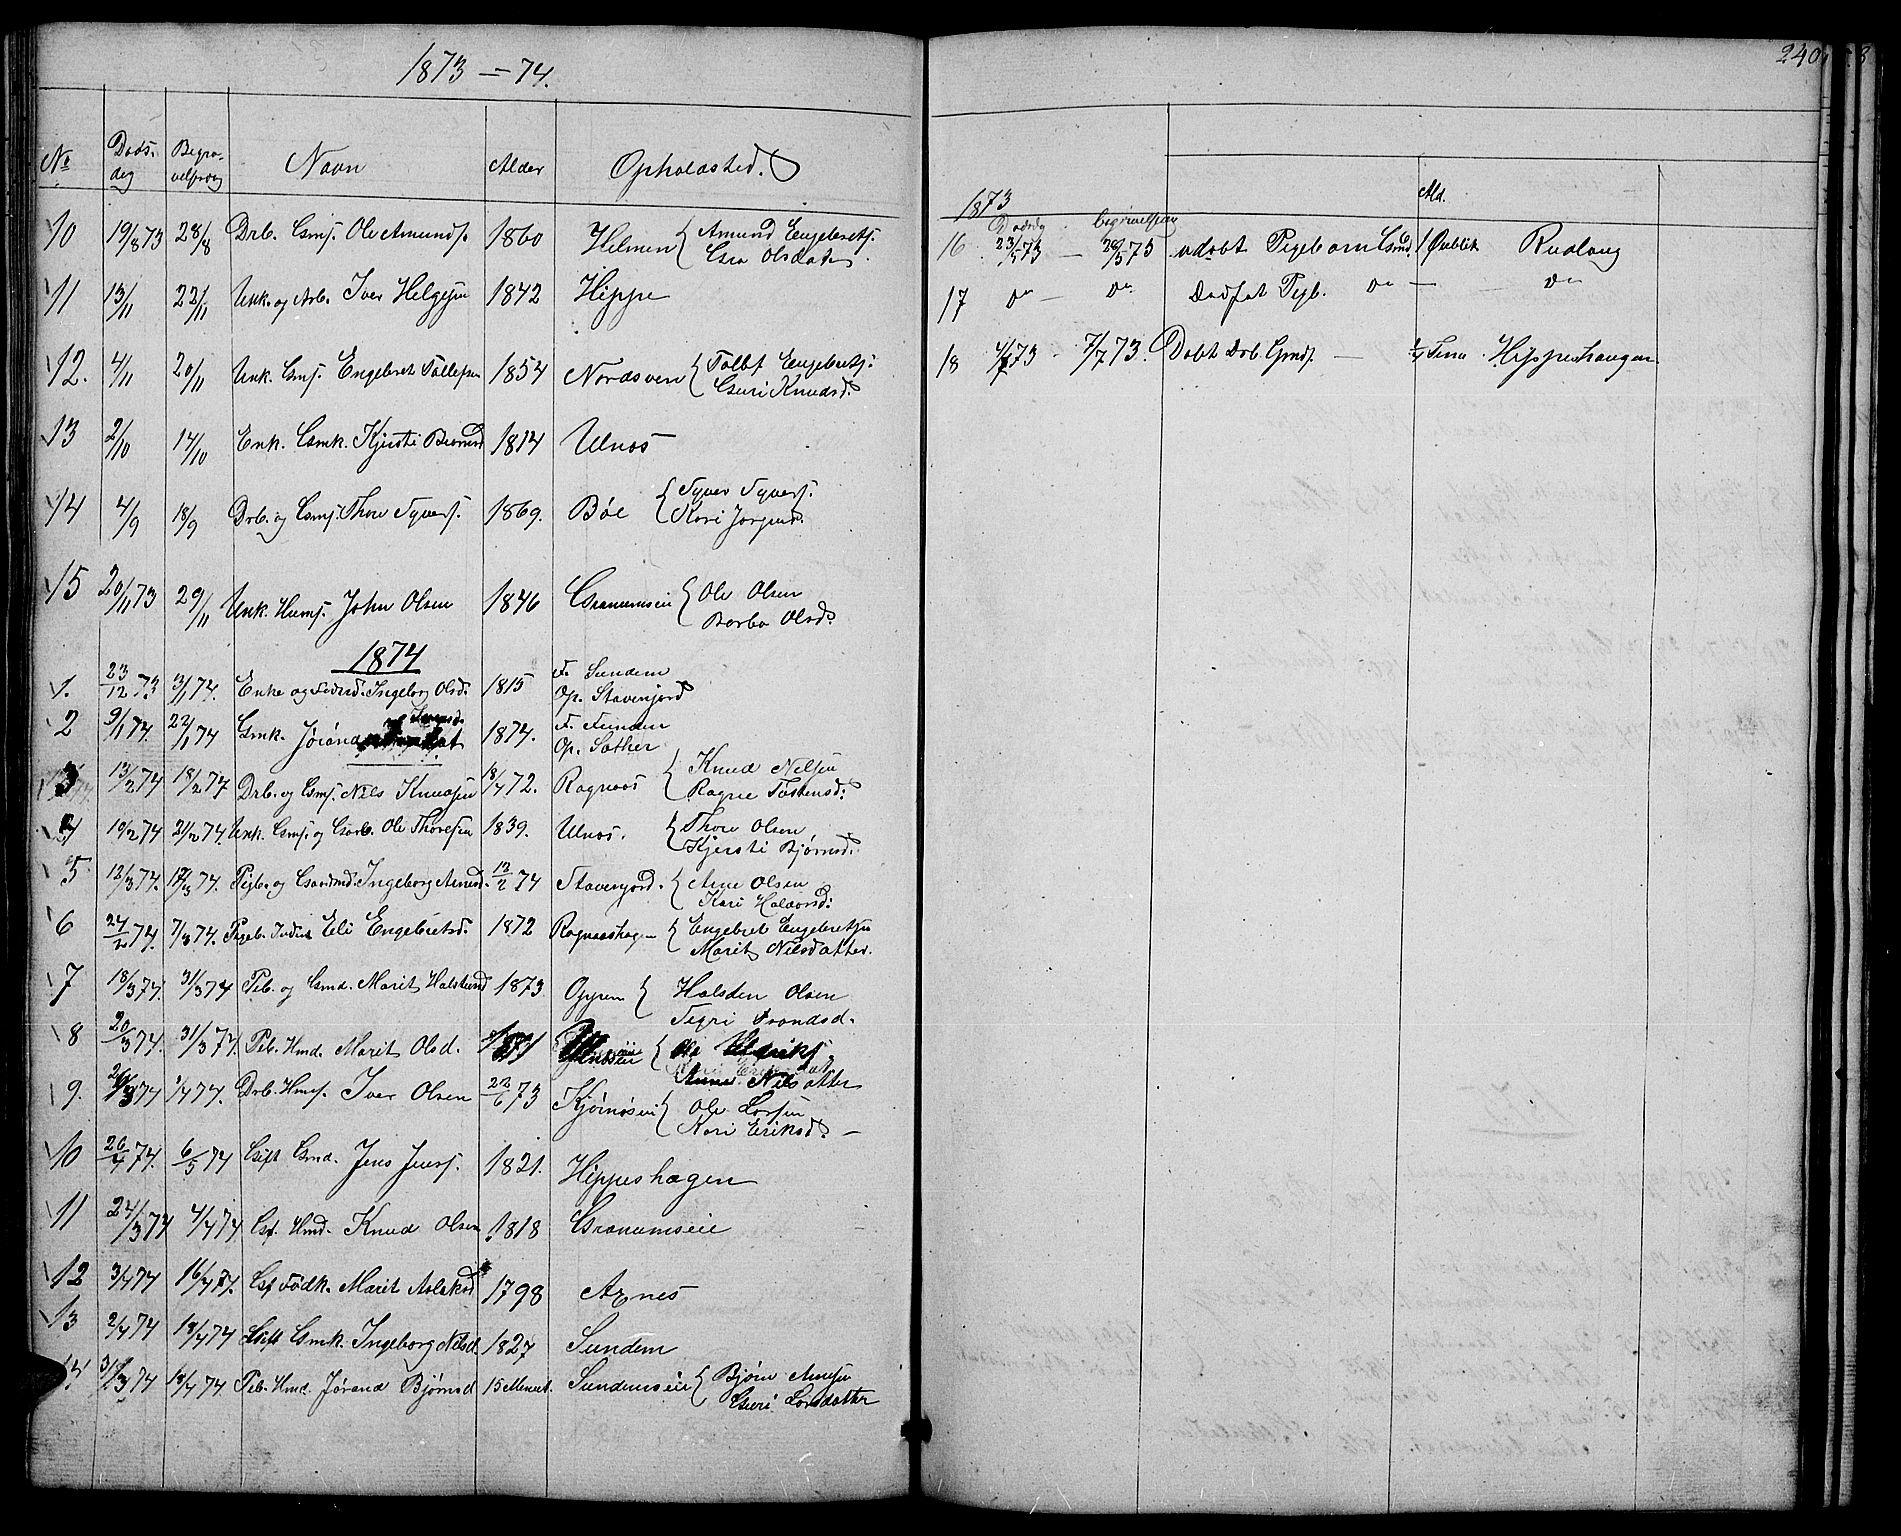 SAH, Nord-Aurdal prestekontor, Klokkerbok nr. 4, 1842-1882, s. 240